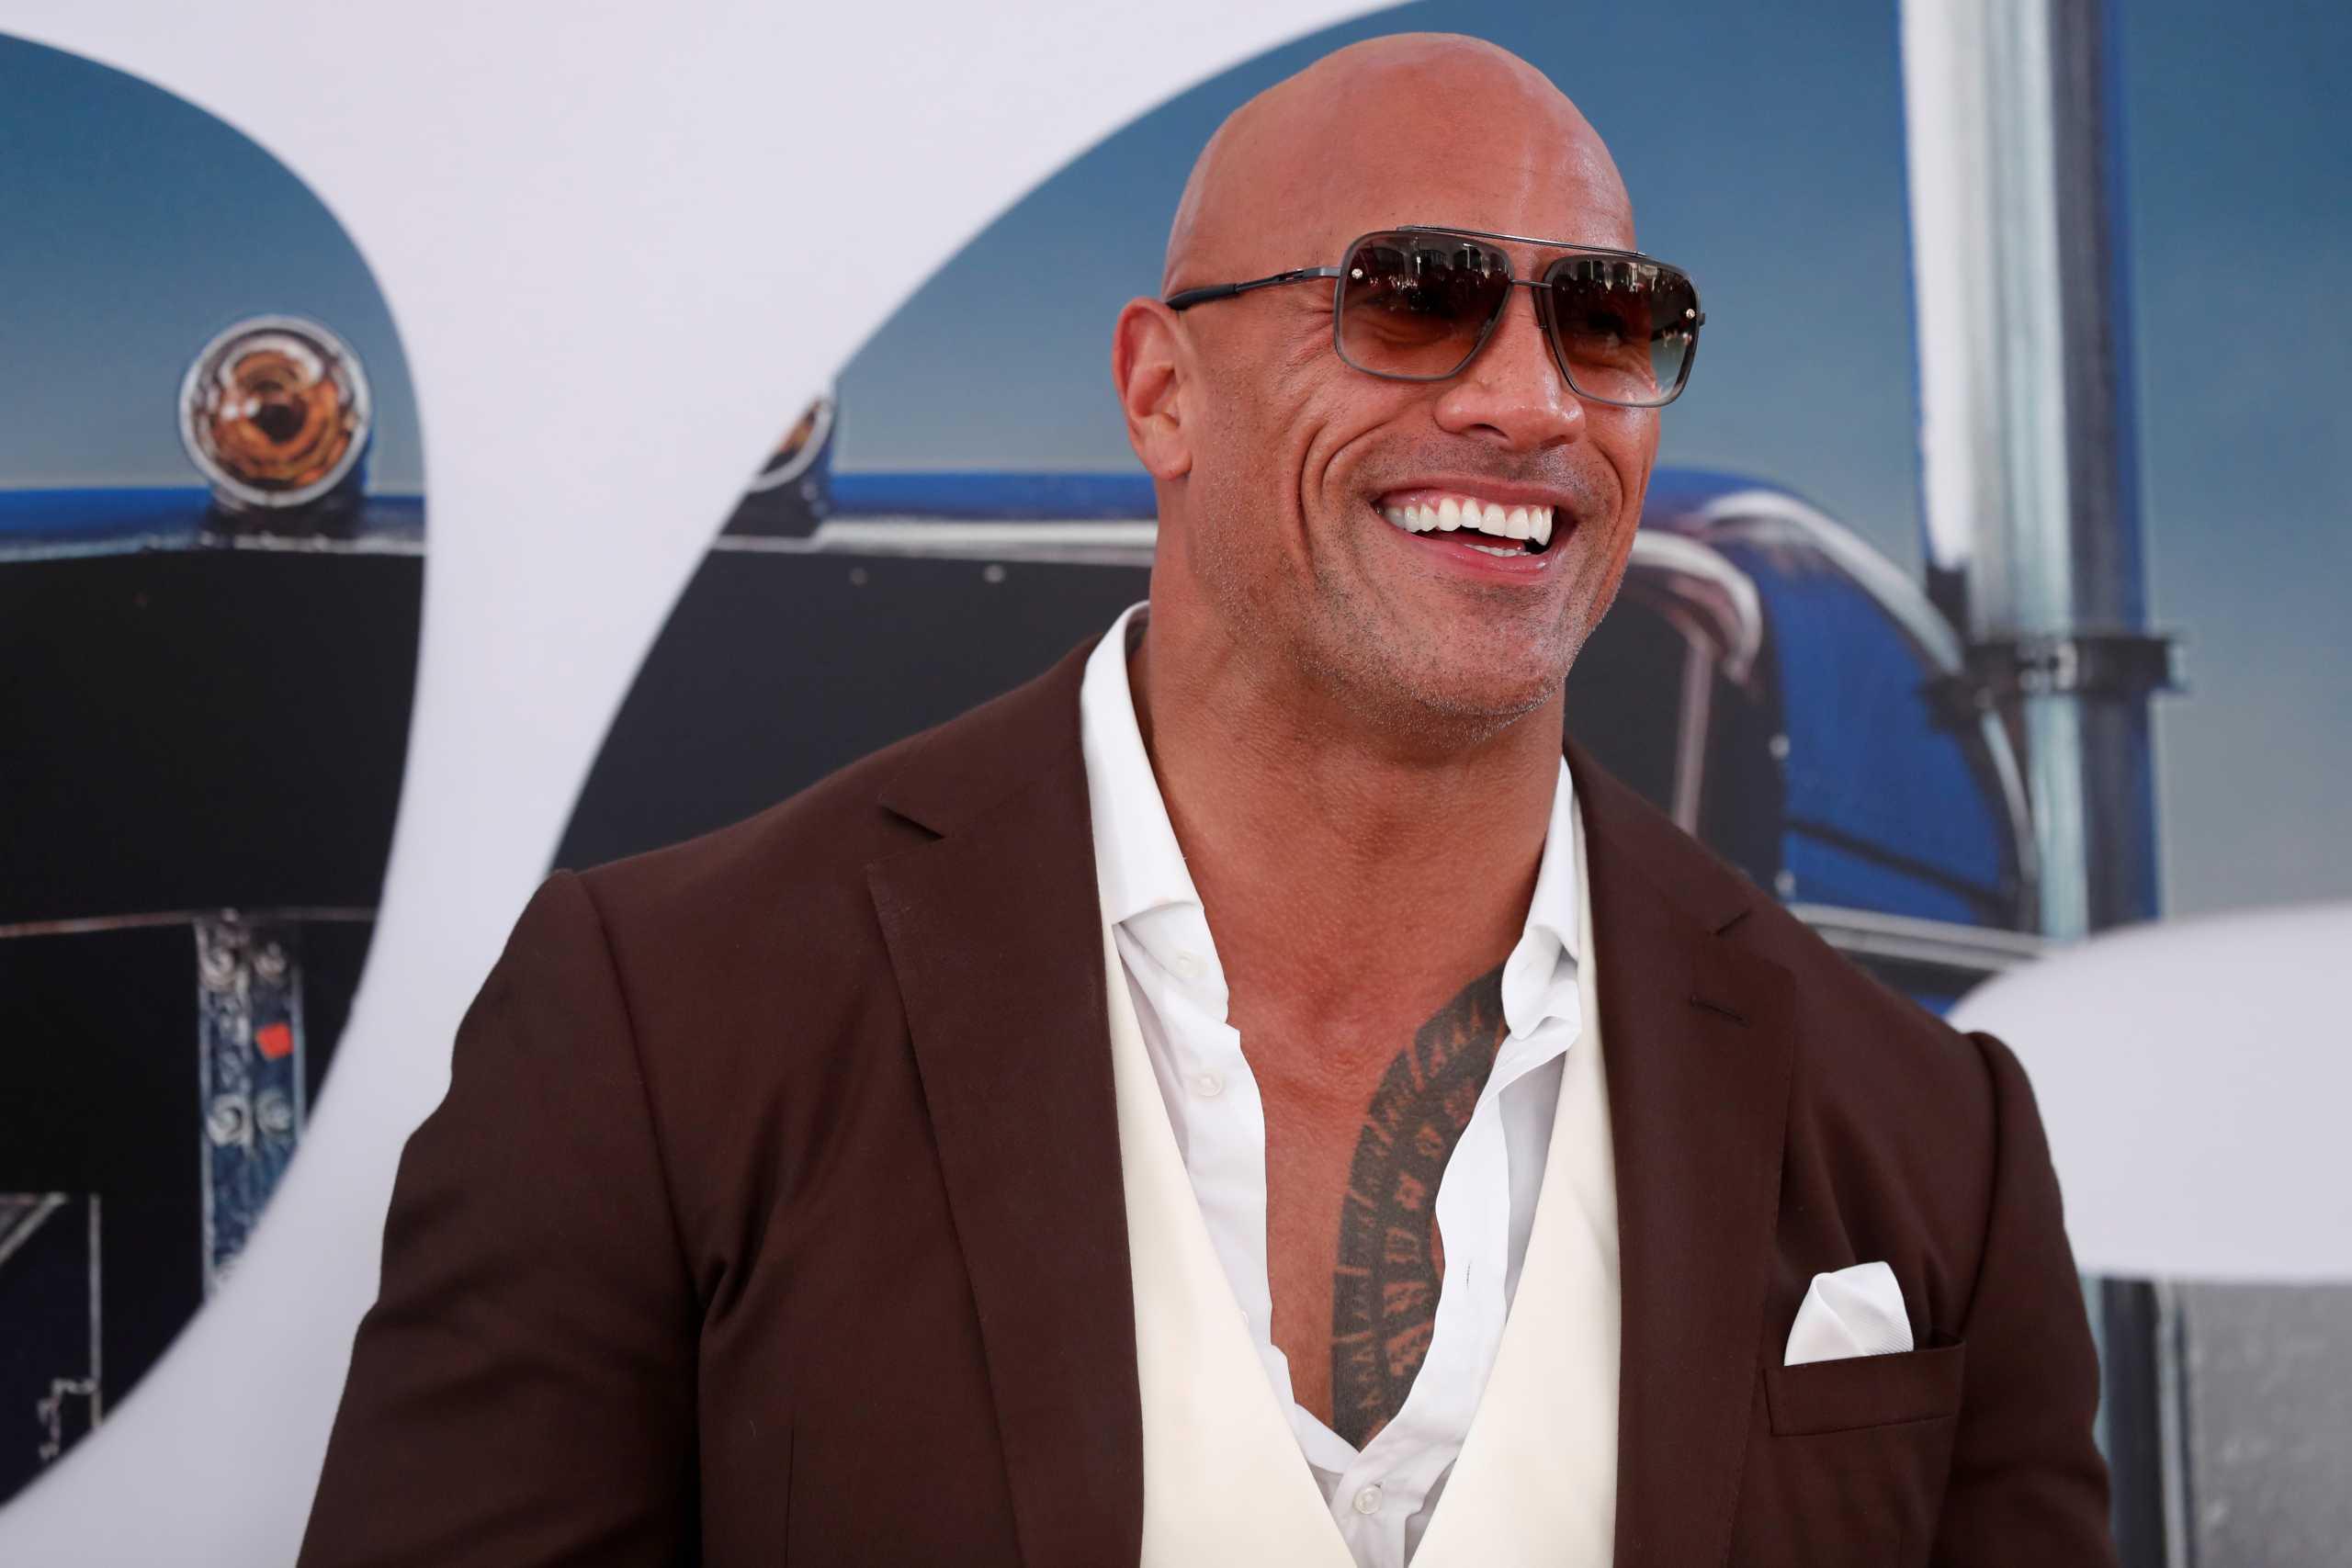 Ο Dwayne «The Rock» Johnson σκέφτεται να βάλει υποψηφιότητα για πρόεδρος των ΗΠΑ